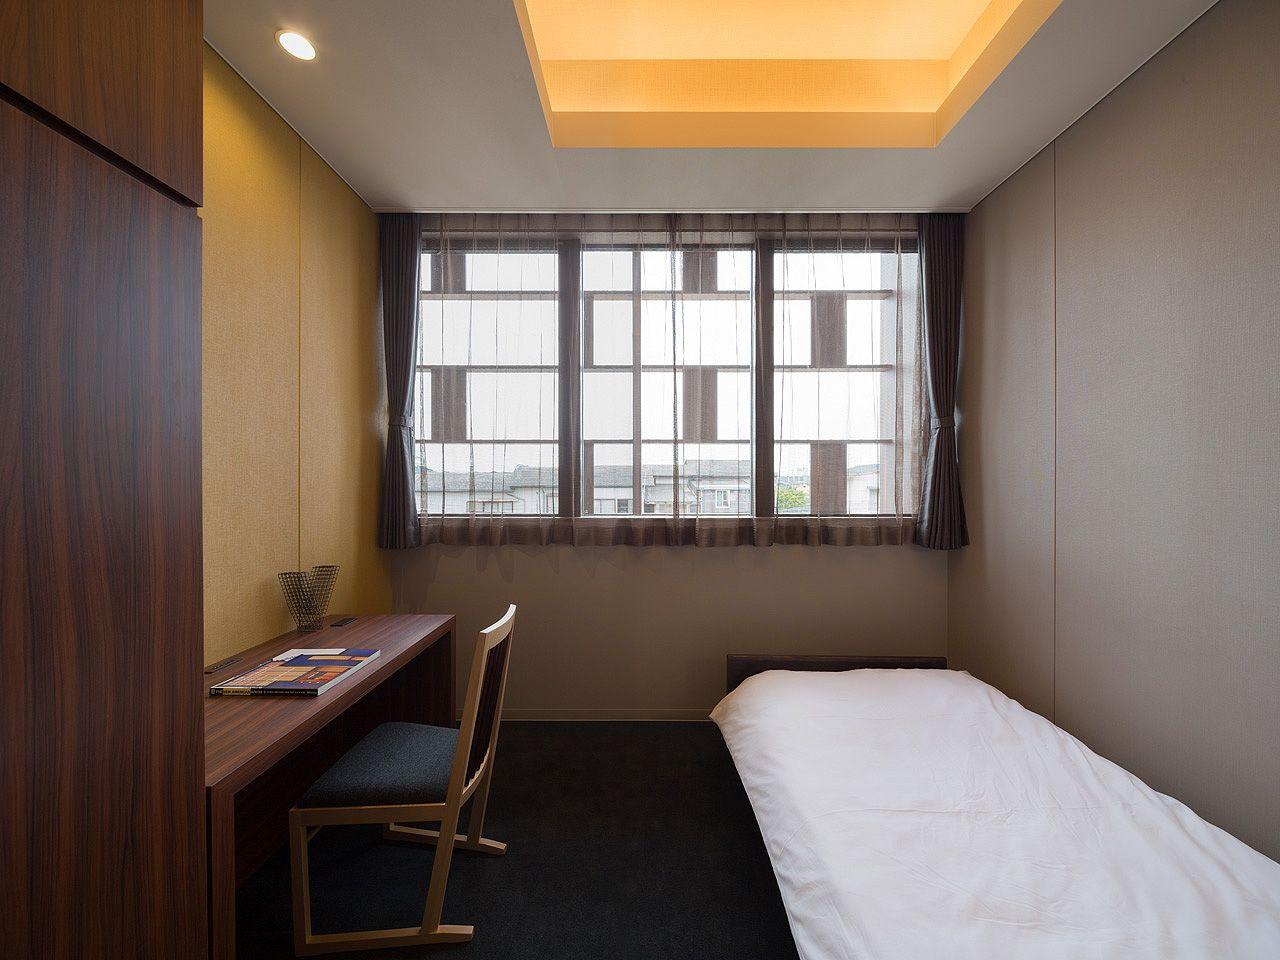 いぬお病院 精神科156床 病院の設計 病院 病院建築